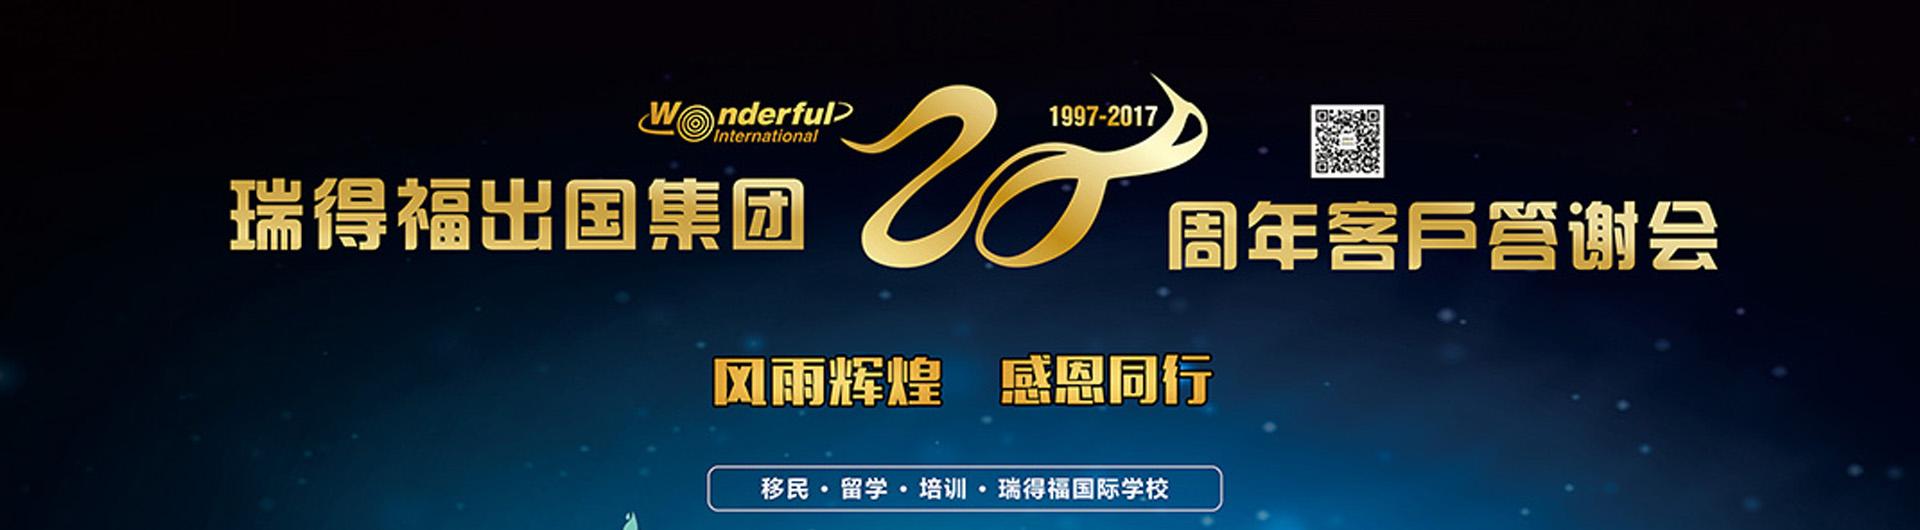 利来国际娱乐平台集团20周年庆_感恩盛会大回馈